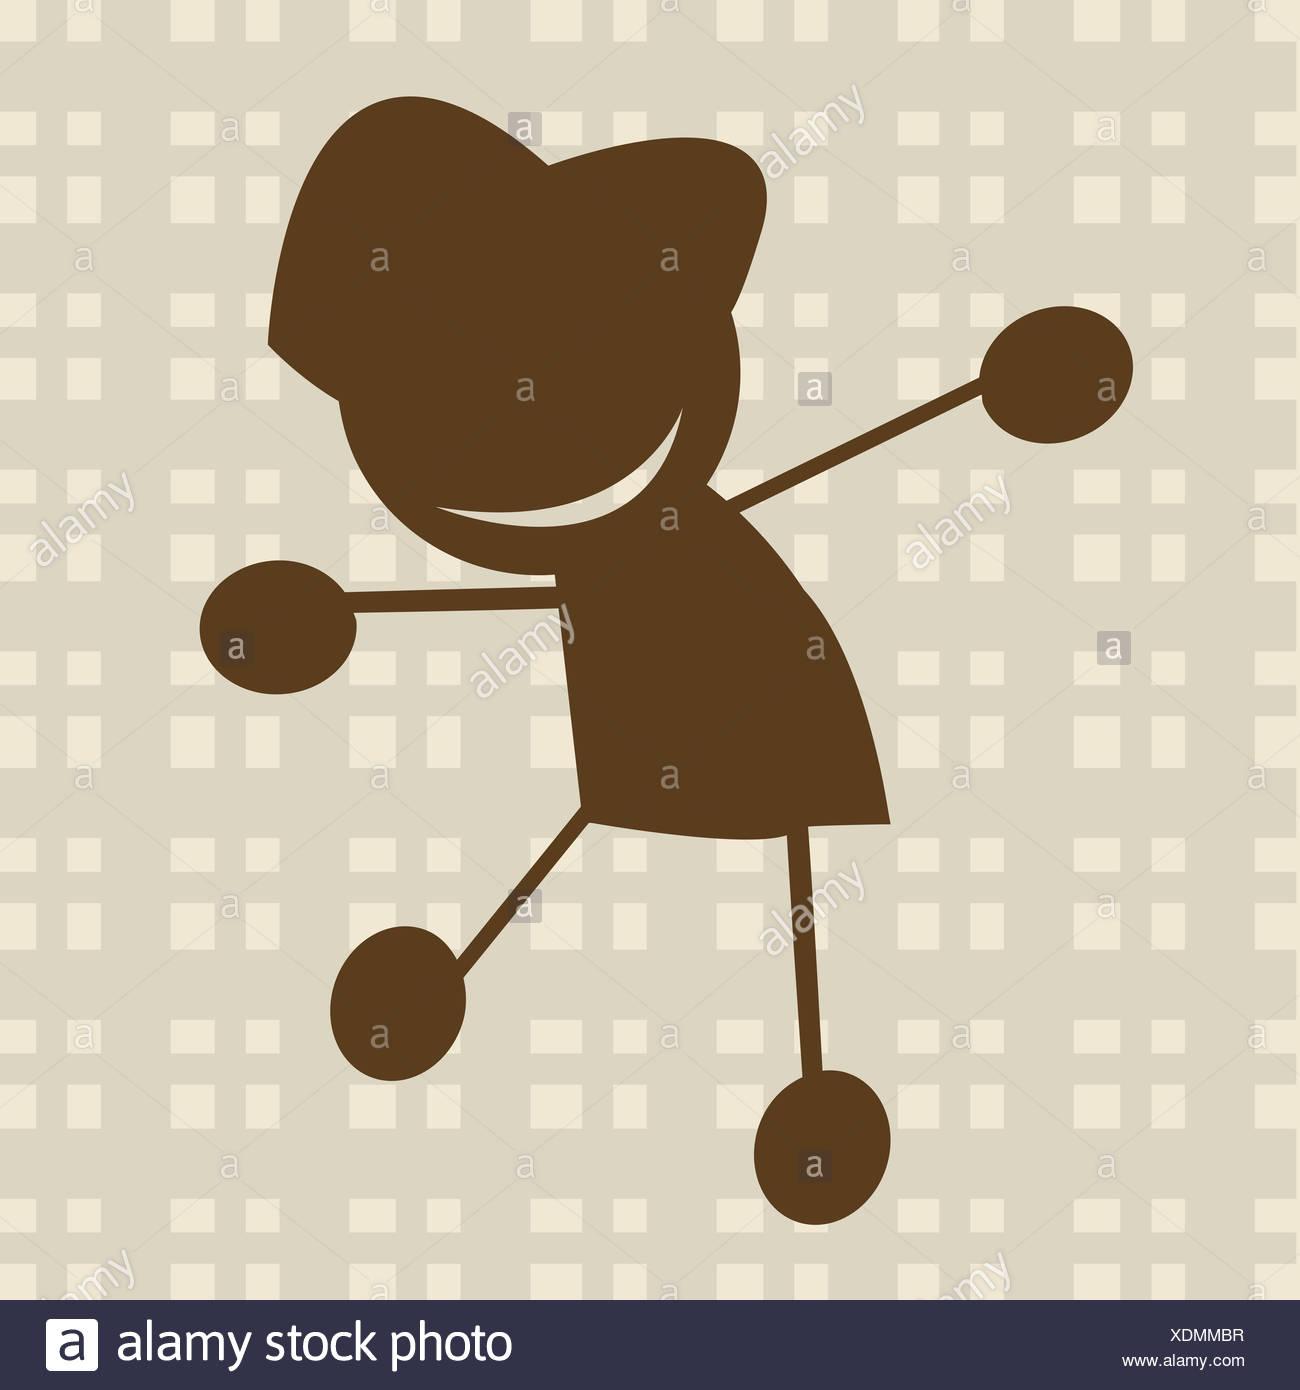 Illustration pour enfants Photo Stock